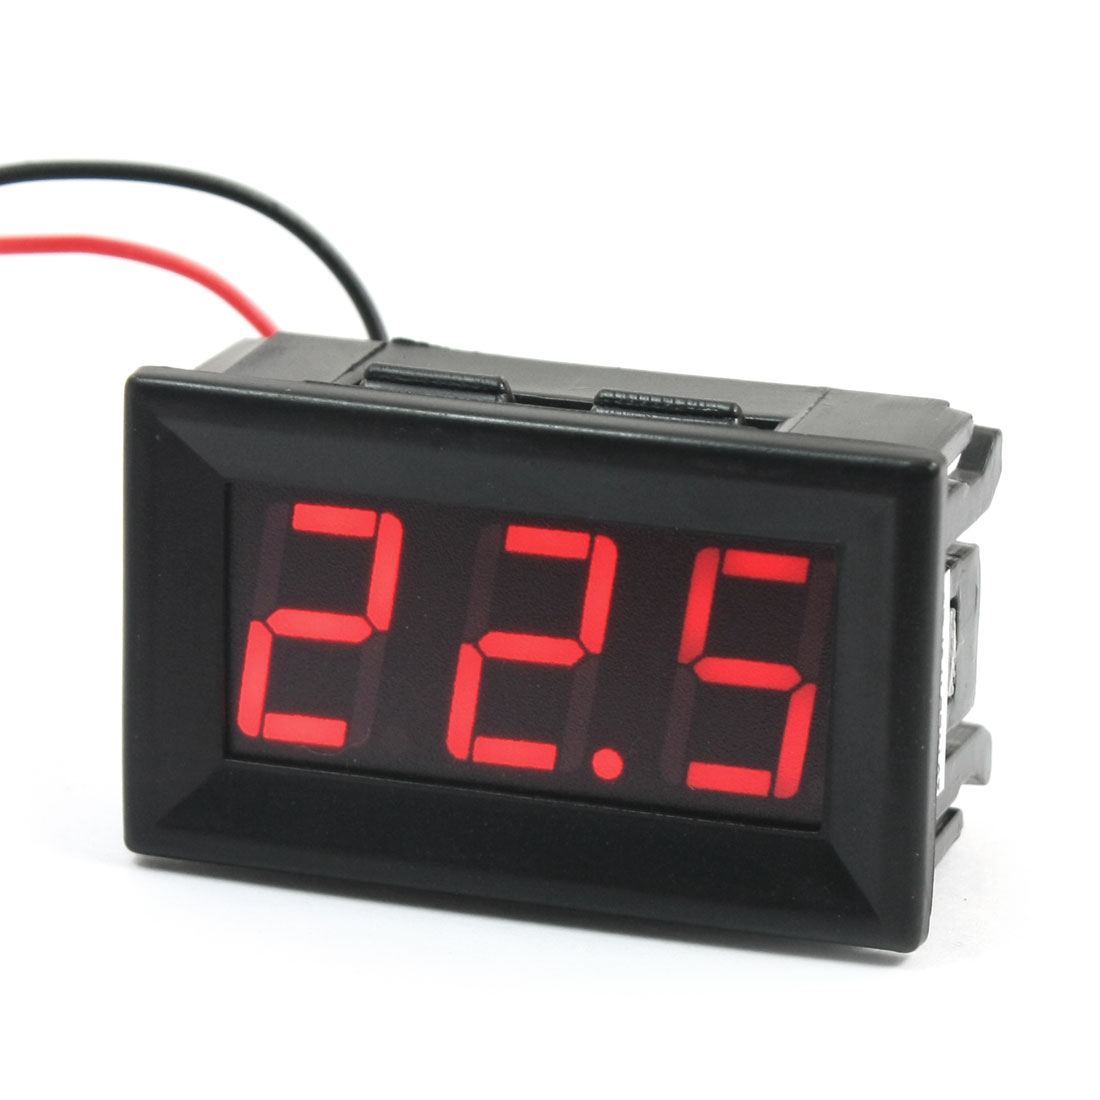 Digital DC 5-120V LED Display Red Digit Voltage Tester Gauge Panel Voltmeter